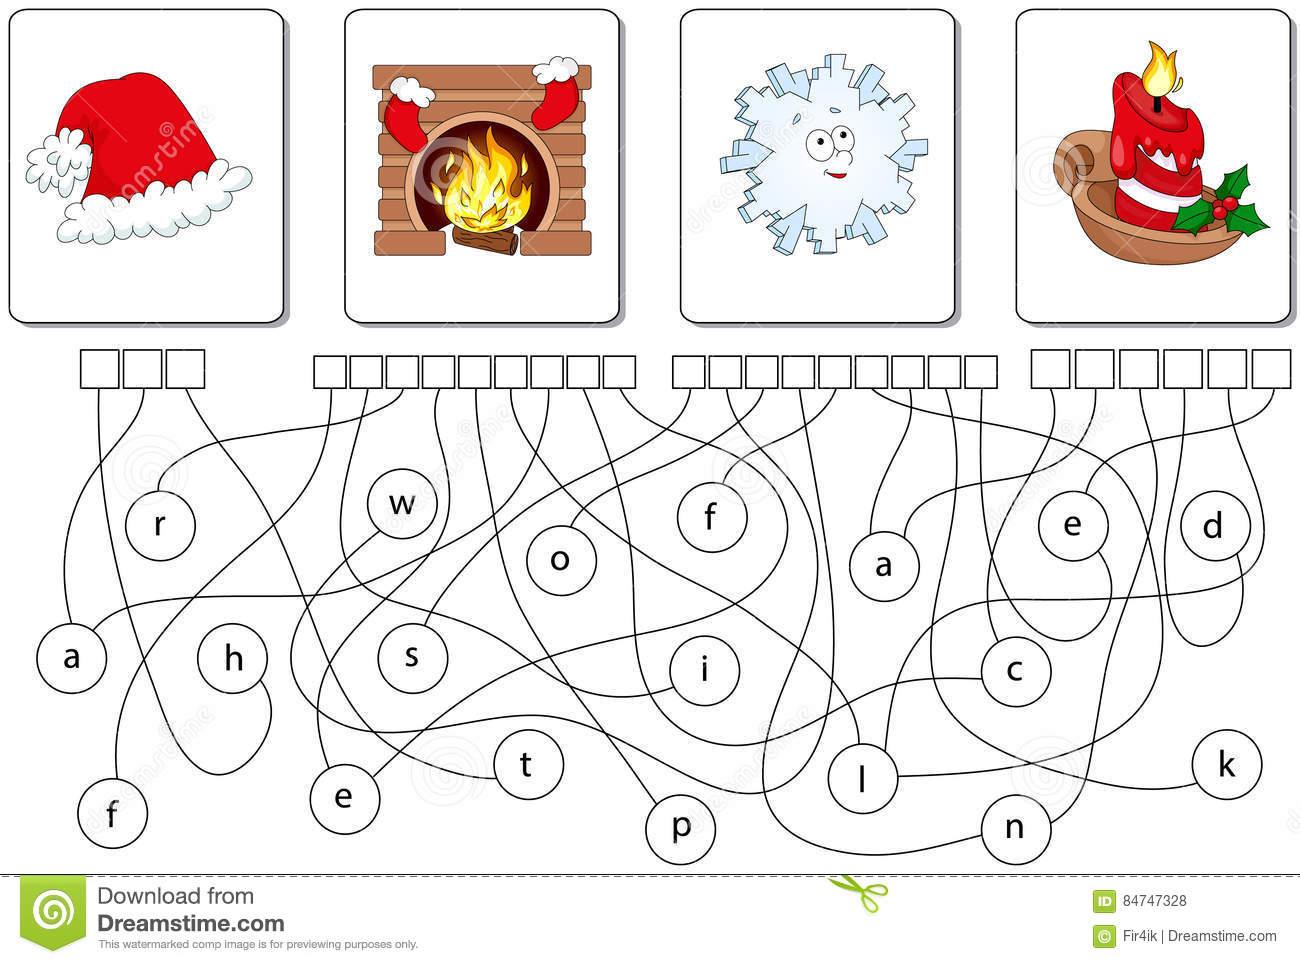 Jeu Éducatif De Puzzle Trouvez Les Mots Cachés Illustration tout Jeux Des Mots Cachés